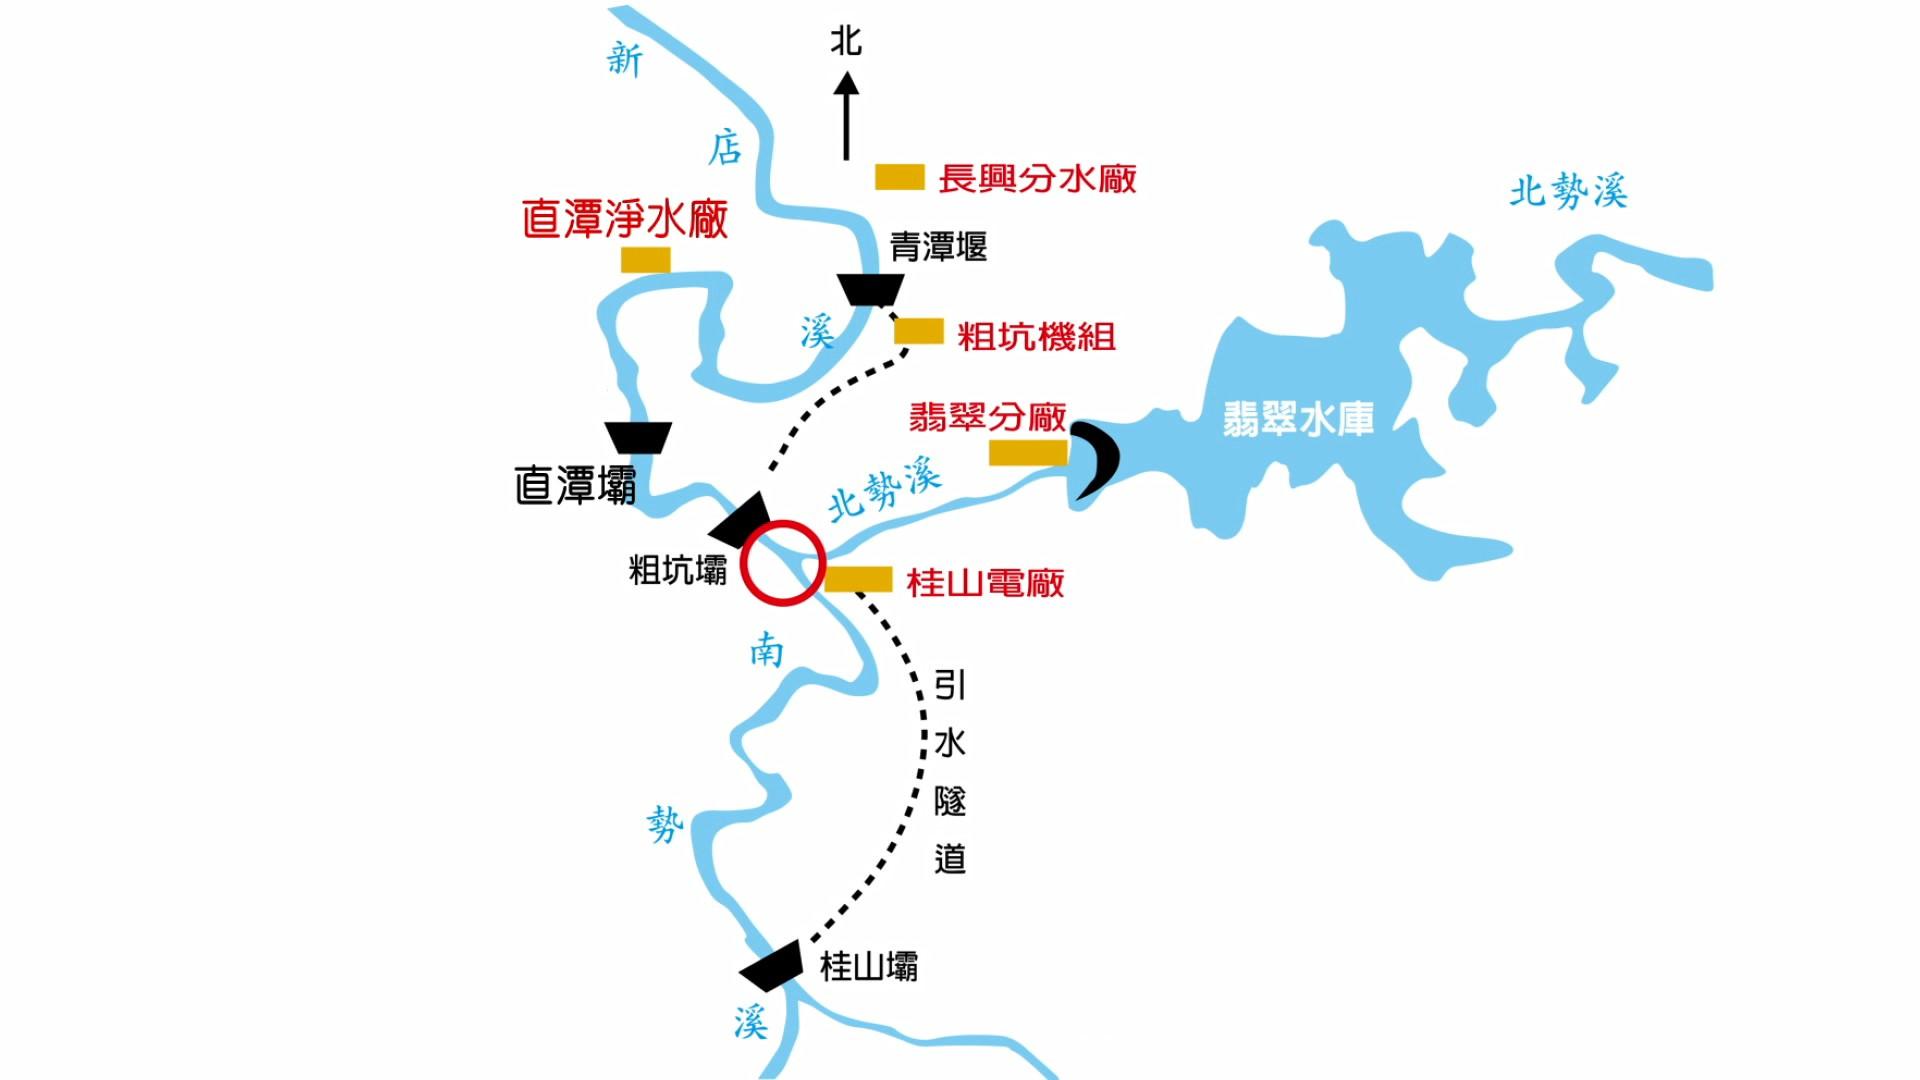 翡翠電廠及翡翠水庫與新店溪各電廠、水壩的相對位置